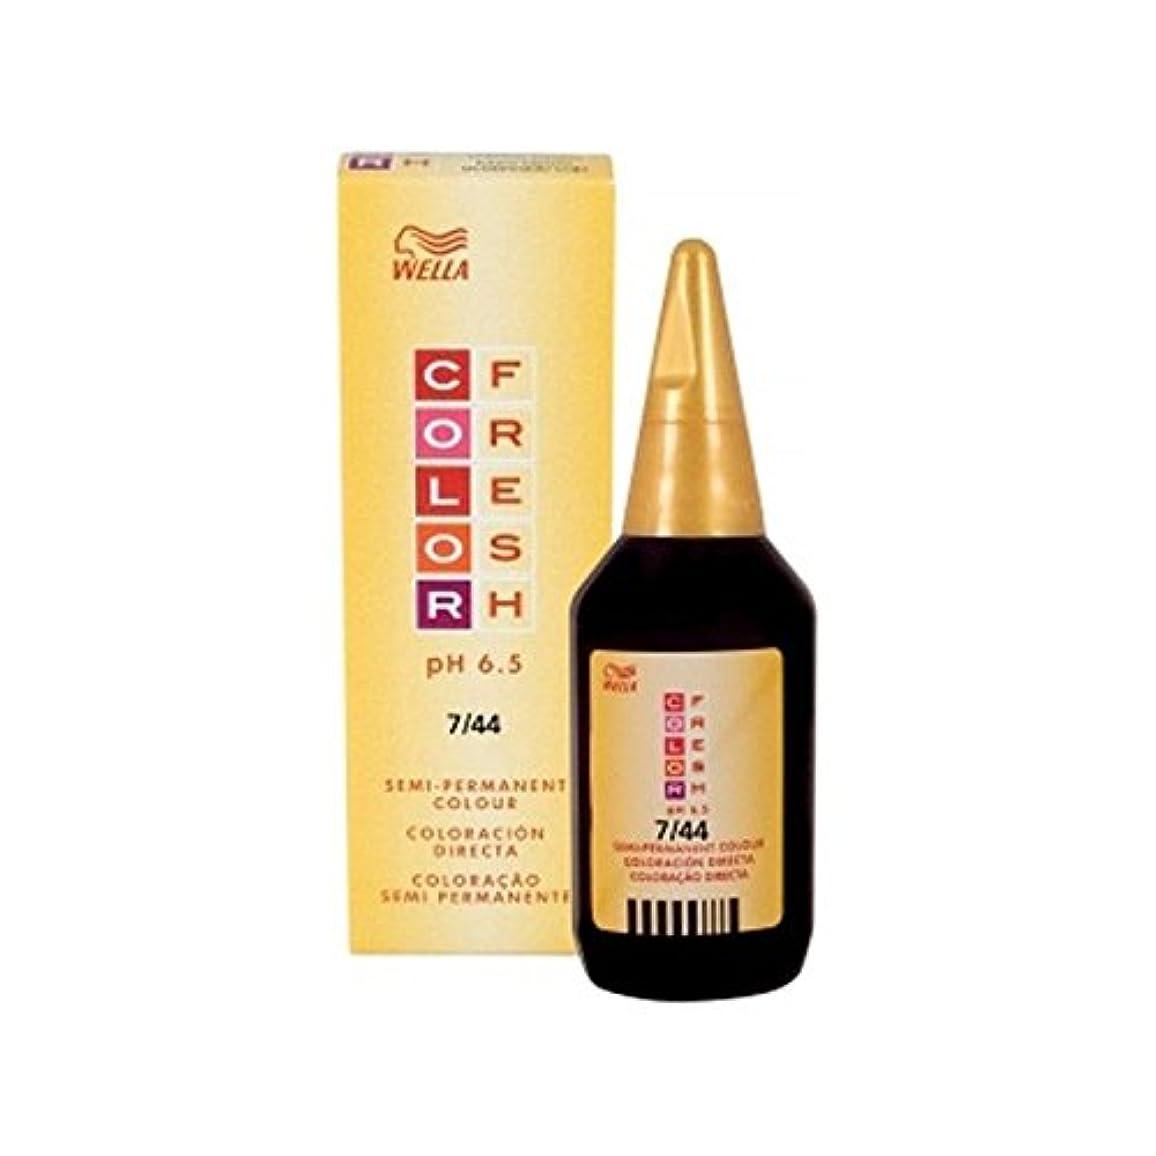 移植反逆者ストレンジャーWella Color Fresh Medium Intense Red Blonde 7.44 (75ml) - ウエラカラー新鮮な培地強い赤色ブロンド7.44(75ミリリットル) [並行輸入品]